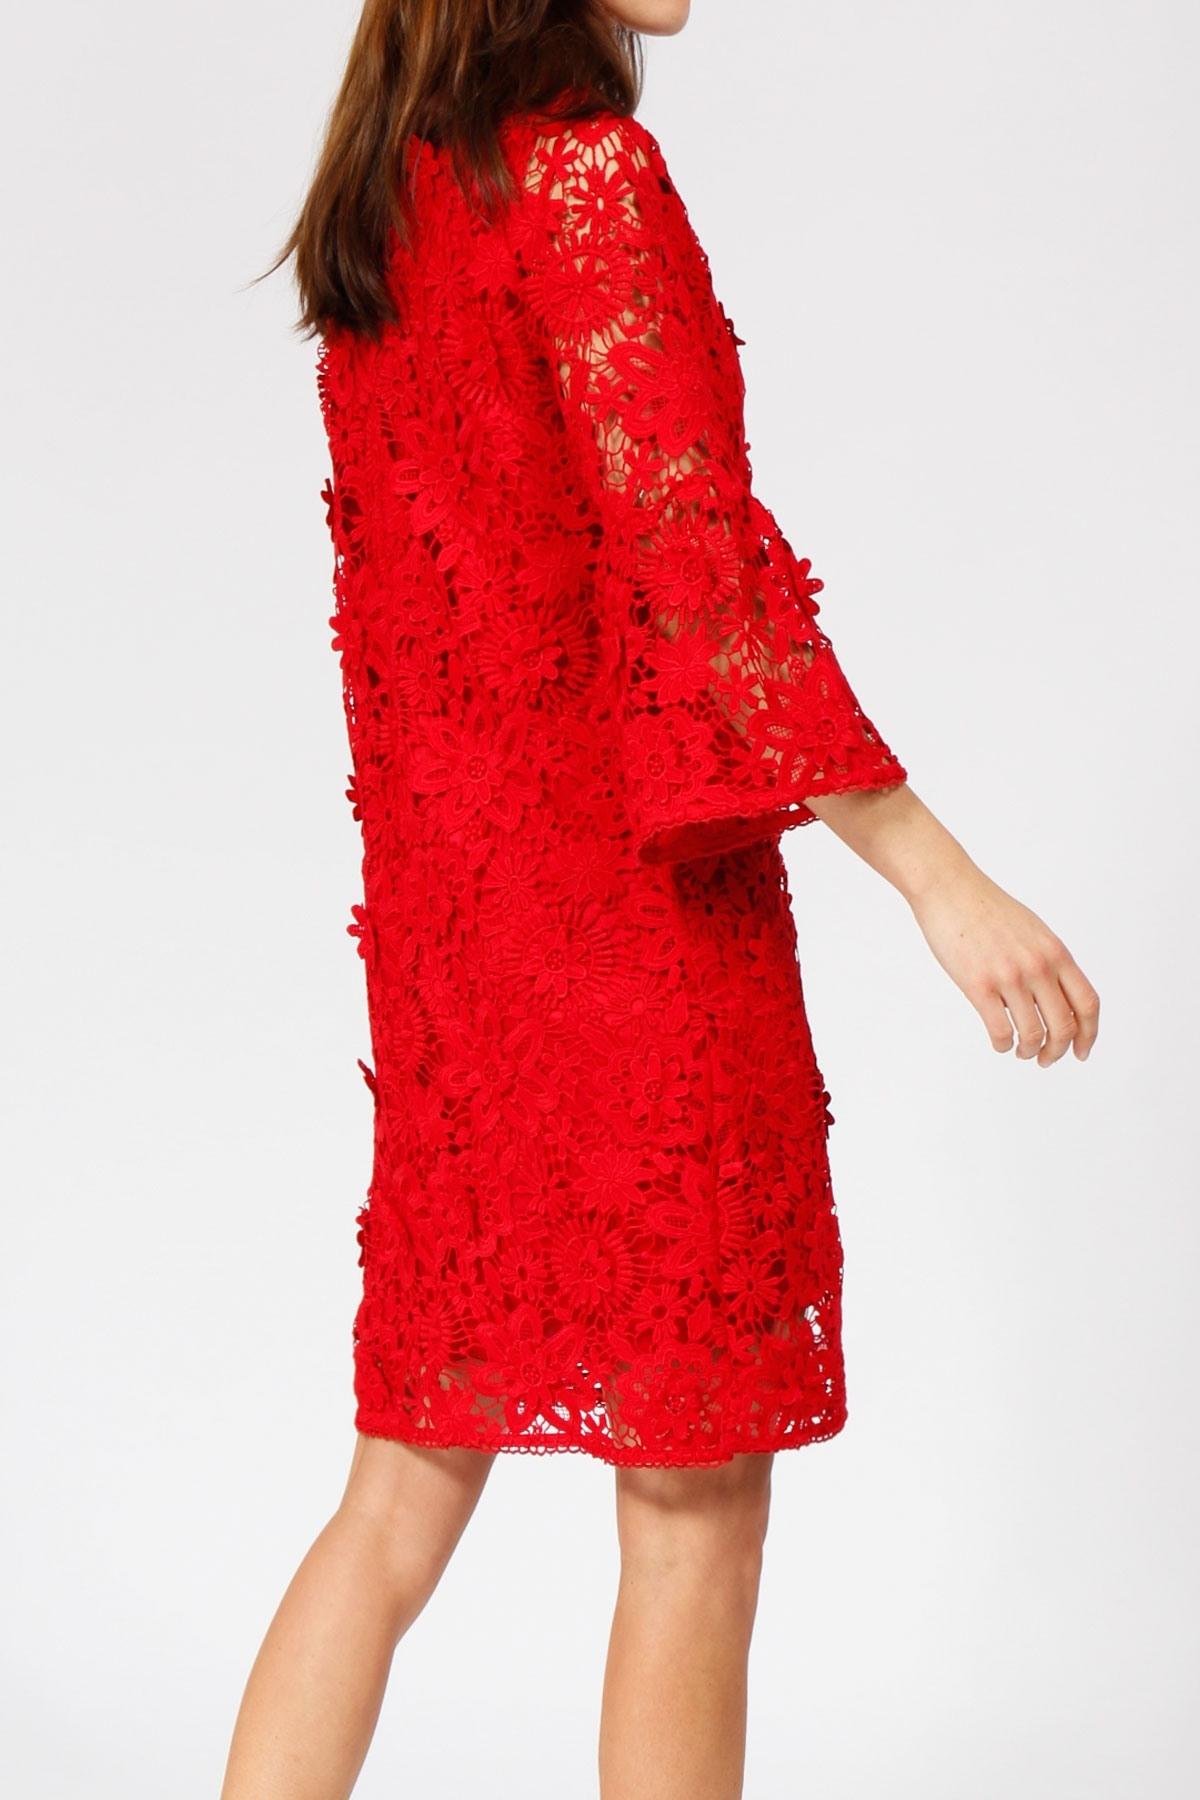 Fantastisch Kleid Rot Spitze Ärmel17 Genial Kleid Rot Spitze Galerie